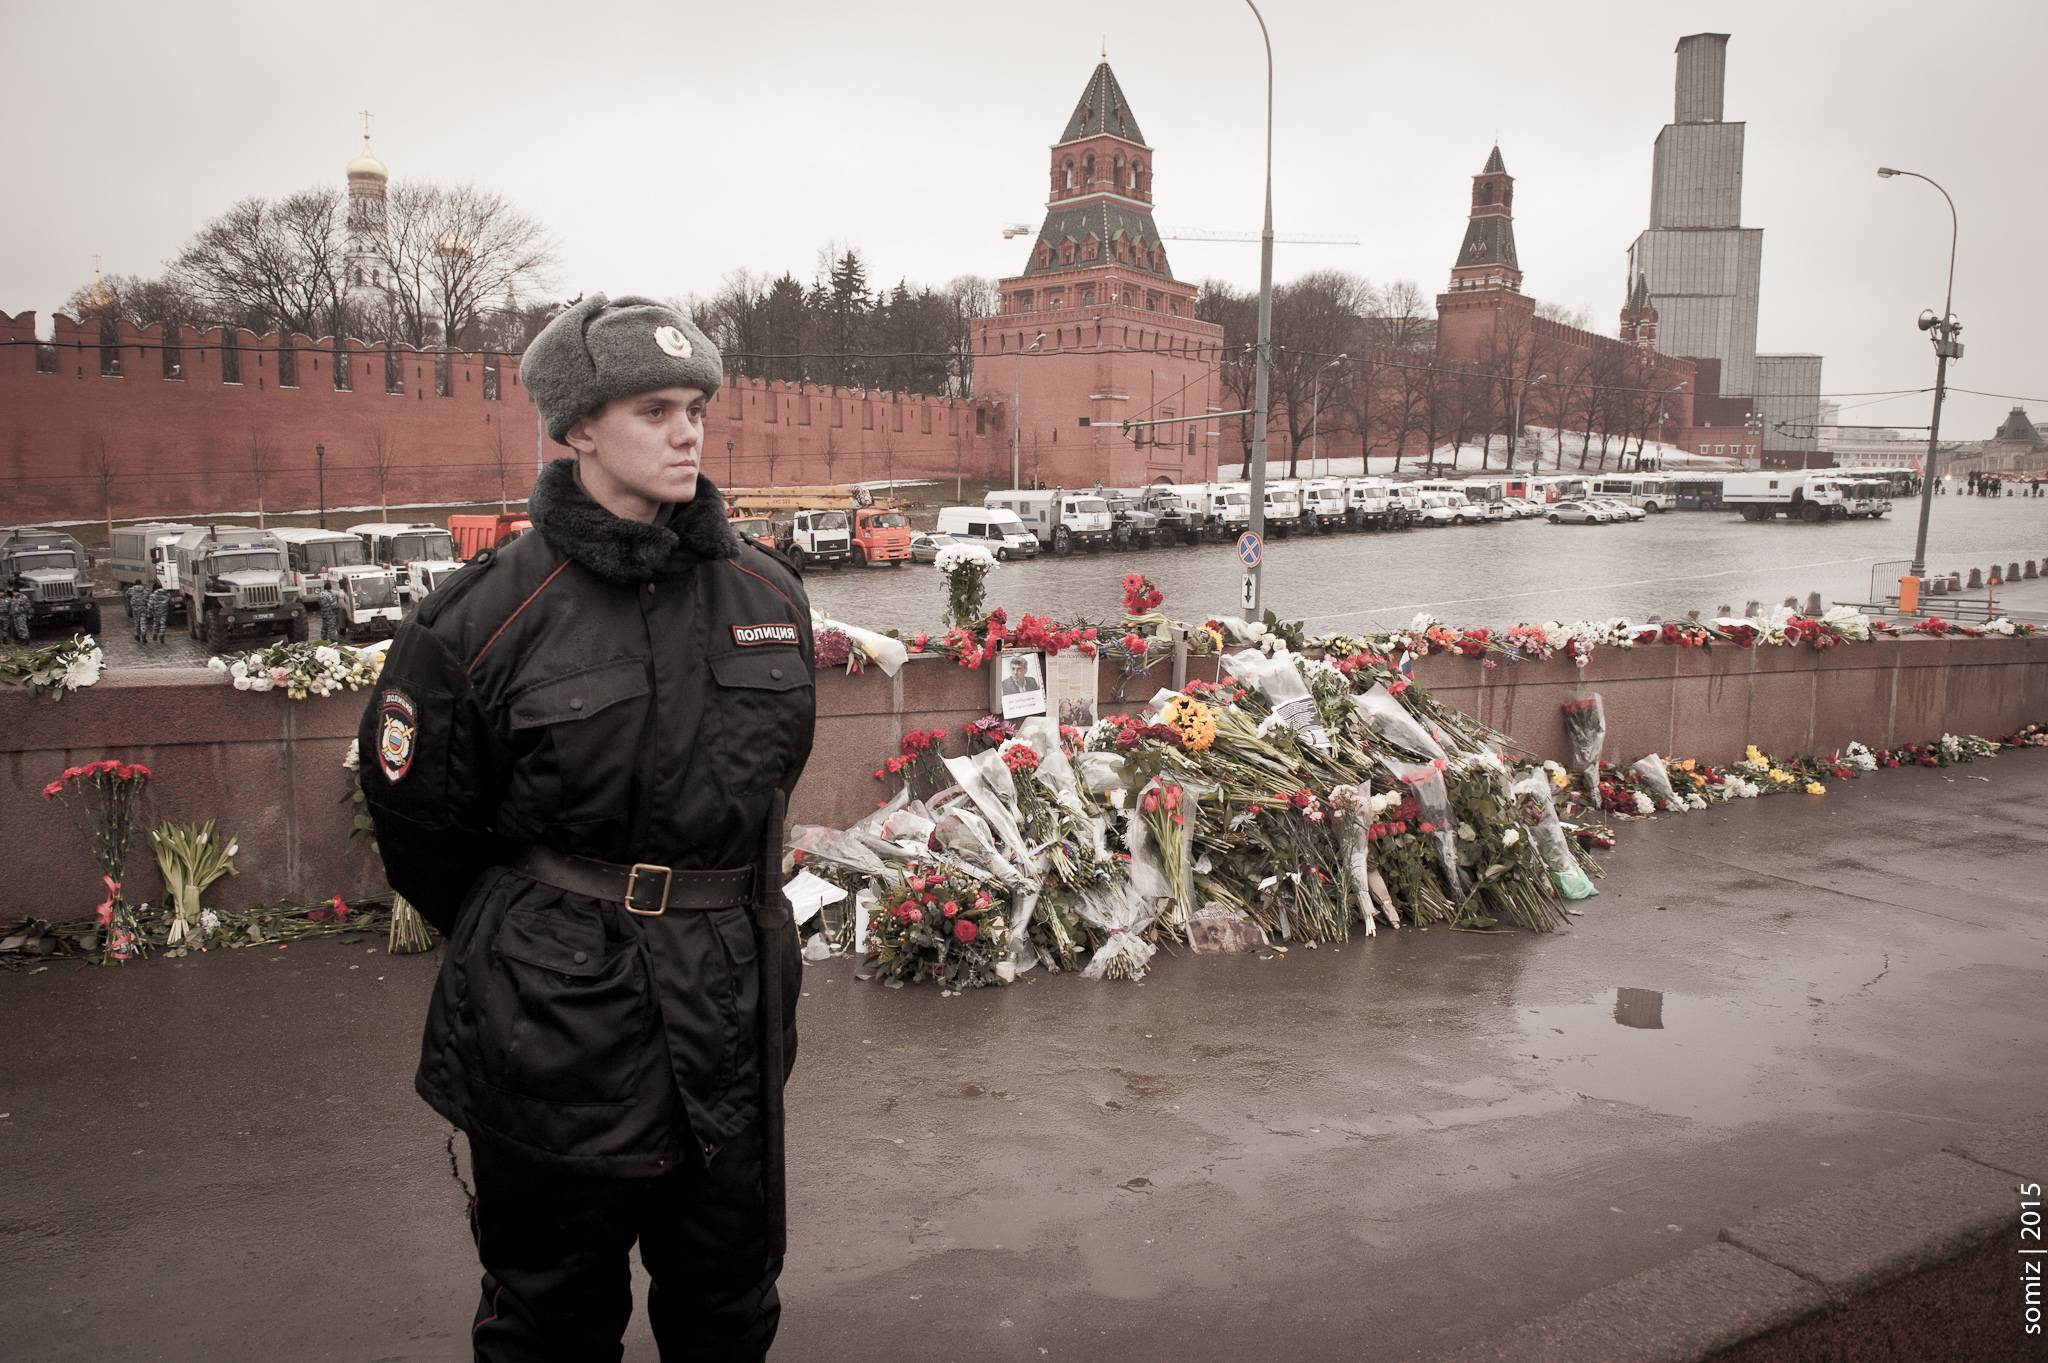 De nombreuses personnes ont rendu hommage à Boris Nemsov, assassiné près du Kremlin. Photo / Evgeniy Isaev